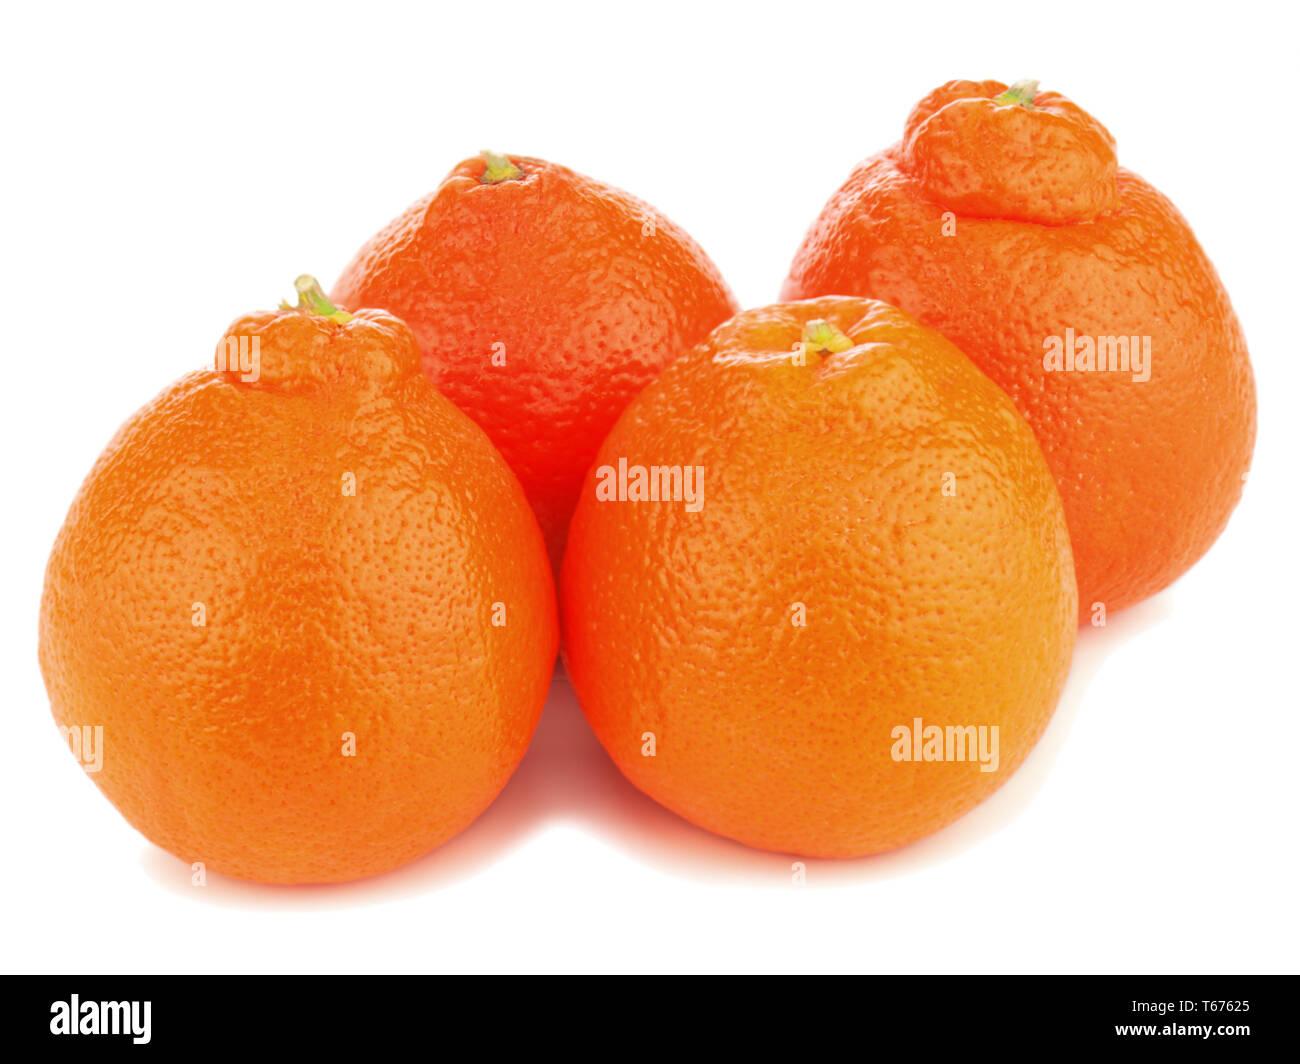 Ripe mineola fruits isolated on white background. - Stock Image